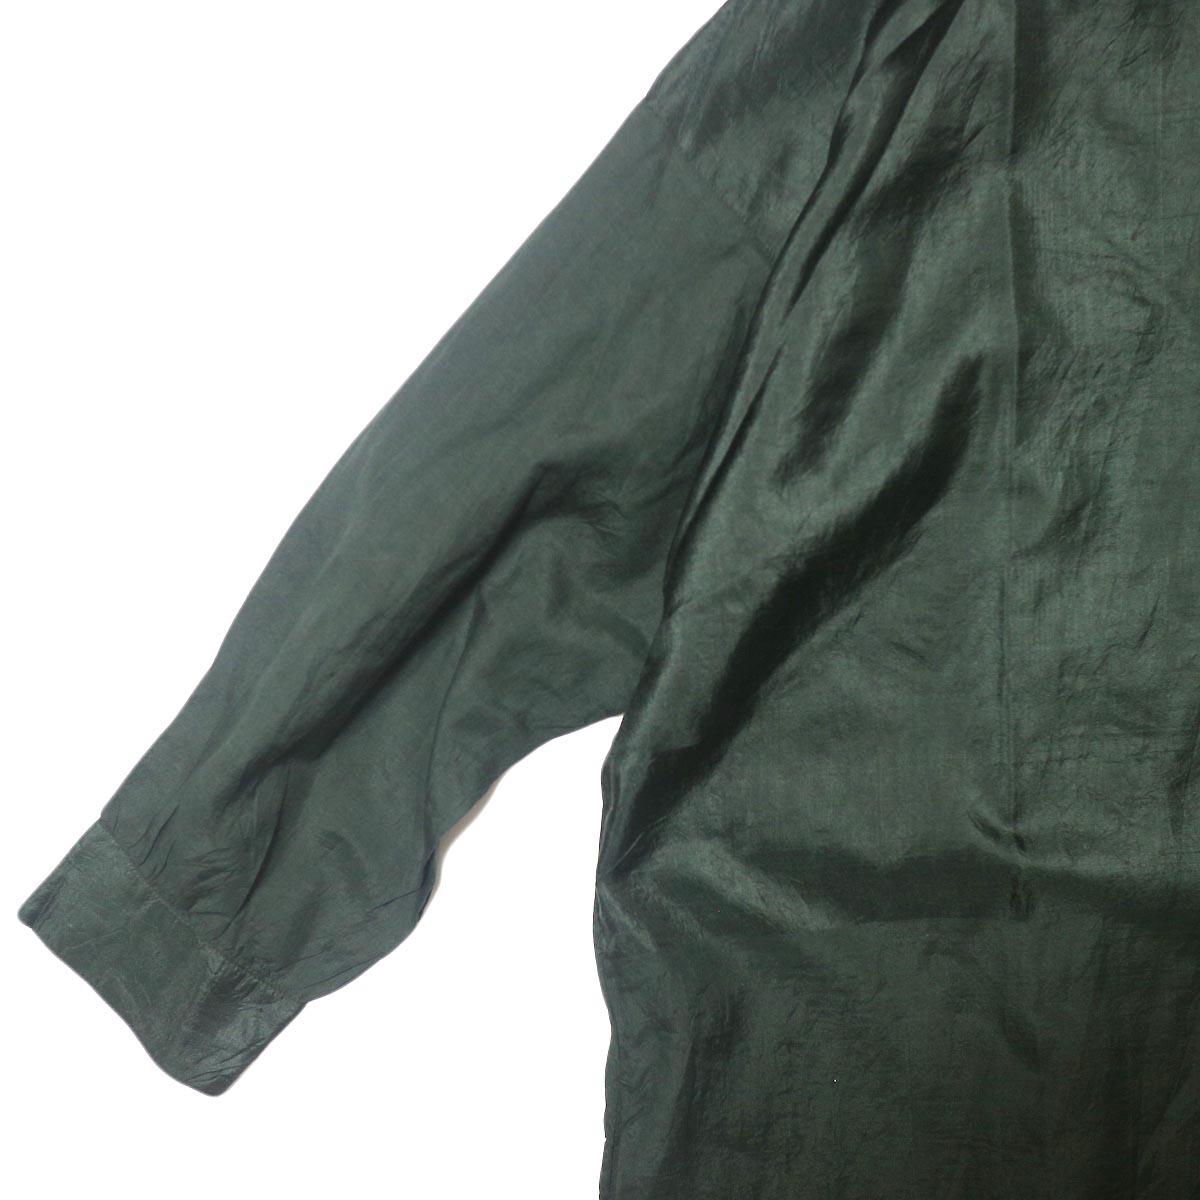 maison de soil / HAND WOVEN COTTON SILK × SILK PLAIN DROP SHOULDER DRESS (green) 素材切替アップ